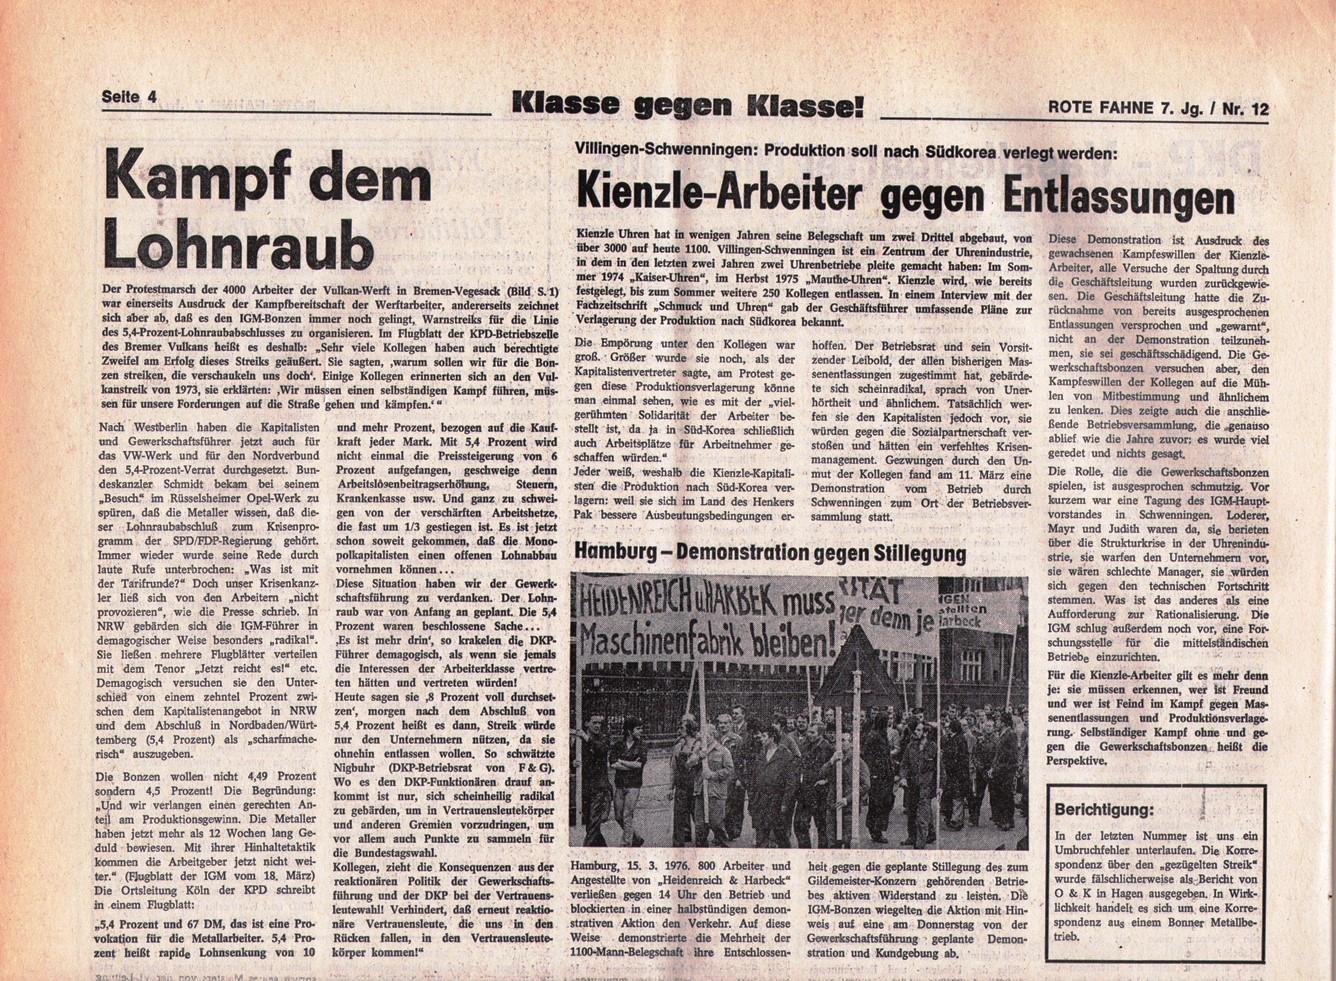 KPD_Rote_Fahne_1976_12_07